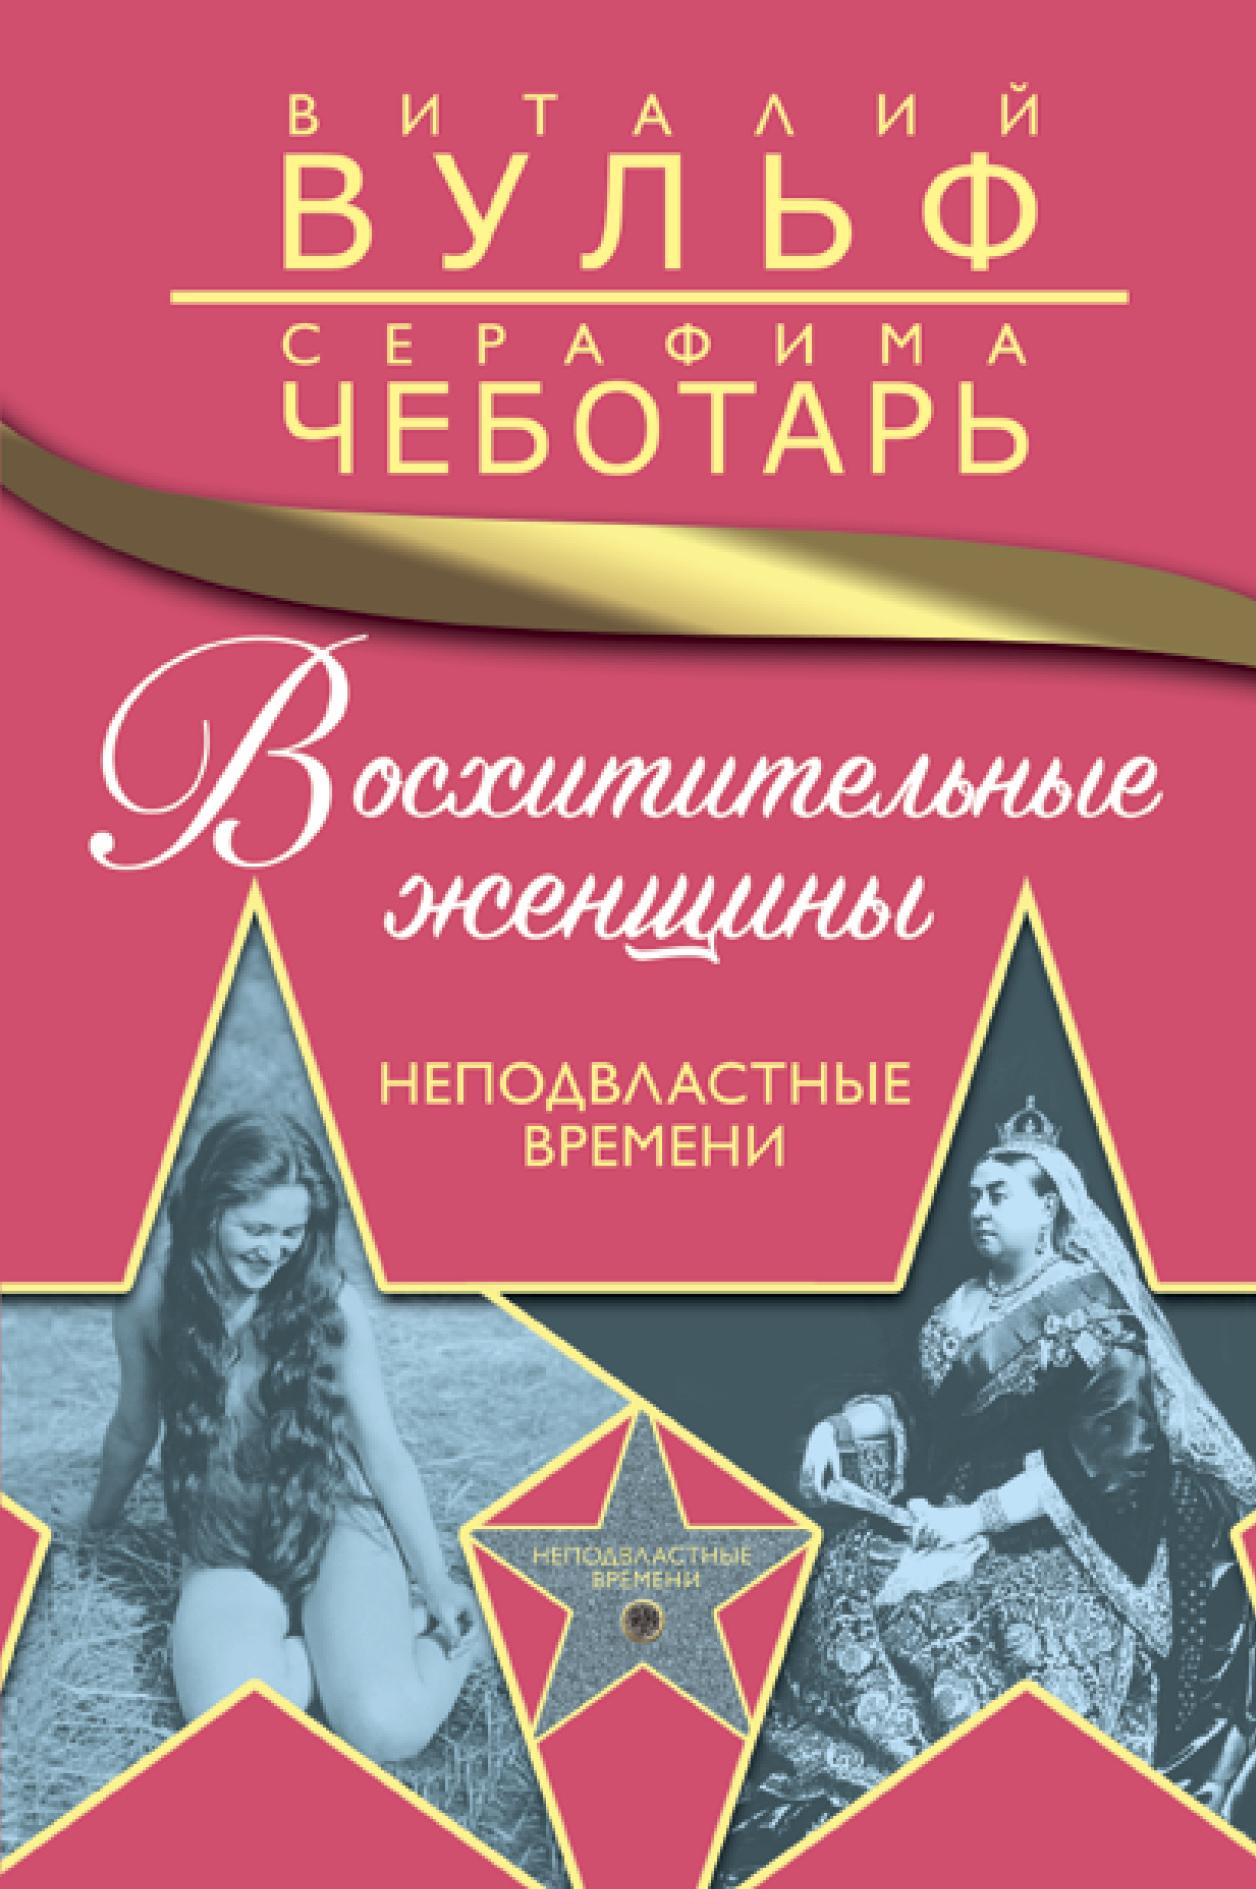 Вульф Виталий Яковлевич; Чеботарь Серафима Александровна Восхитительные женщины. Неподвластные времени